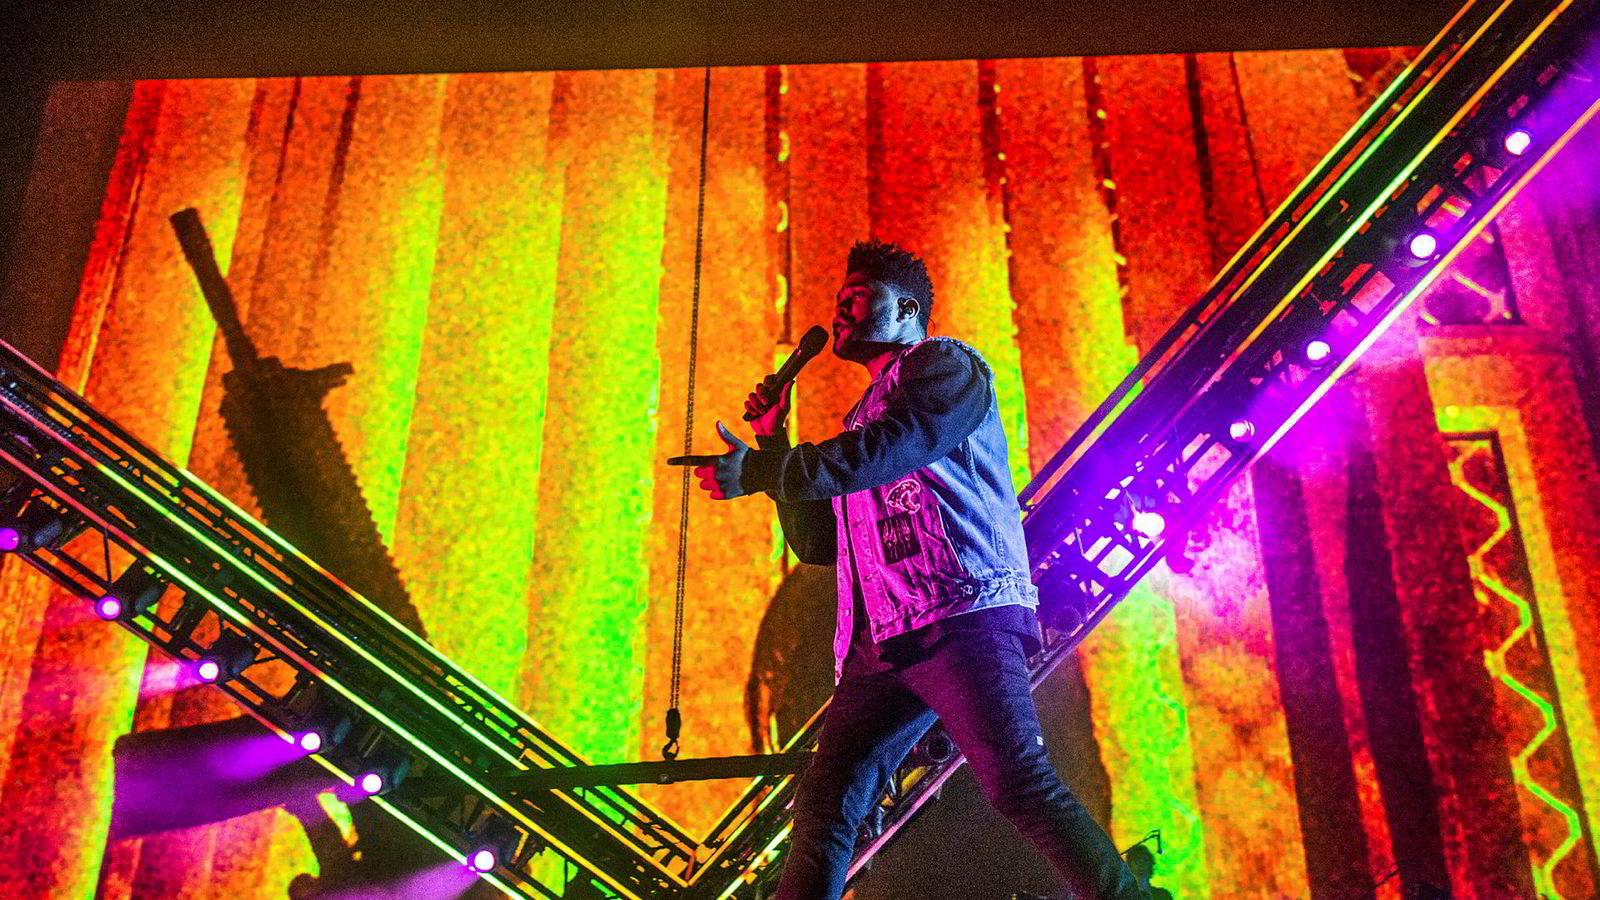 Artisten The Weeknd reagerte sterkt på et bilde H&M brukte i sin markedsføring.